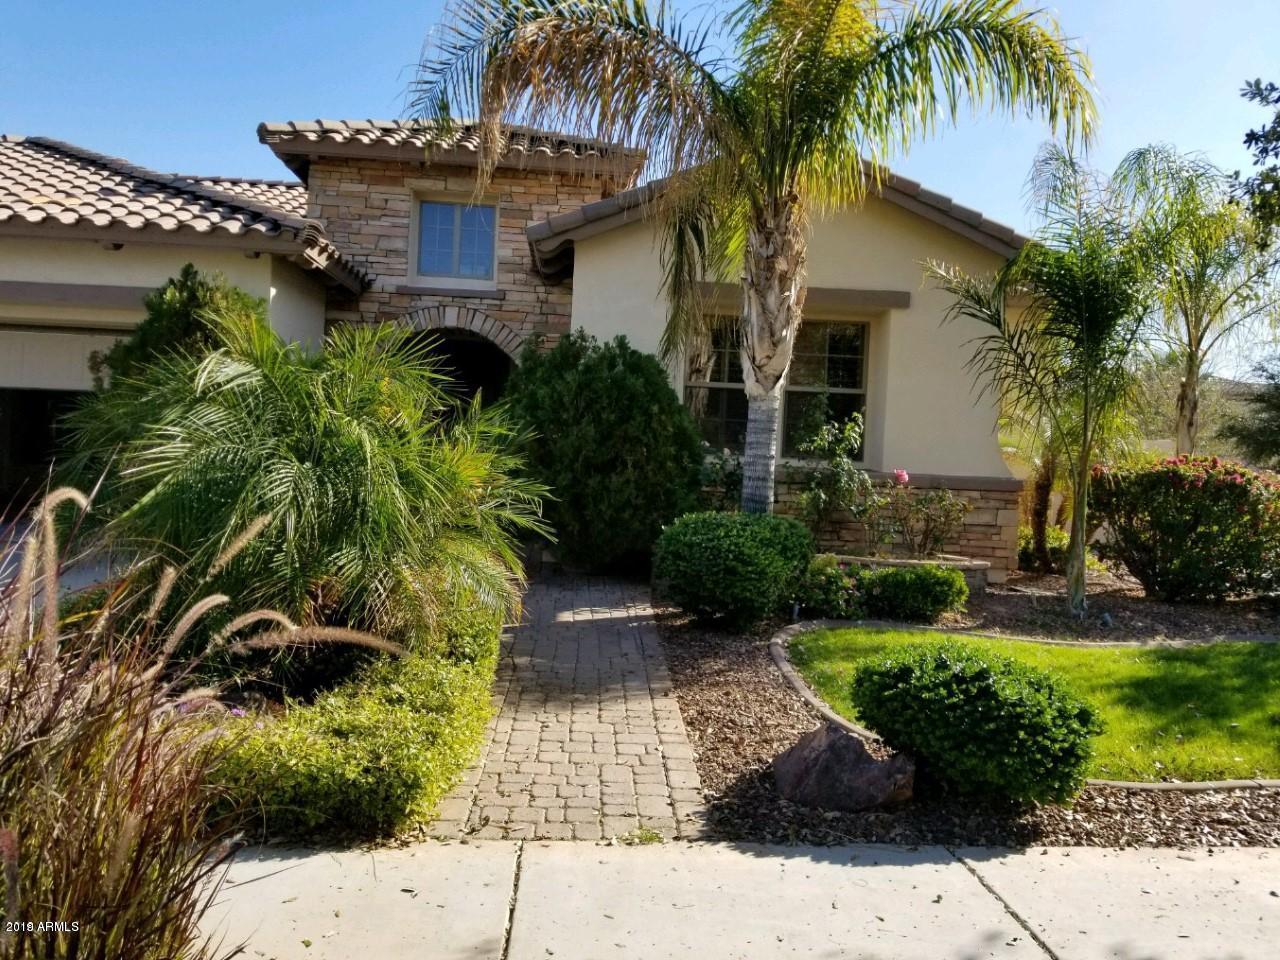 MLS 5904801 815 W VERBENA Lane, Litchfield Park, AZ 85340 Litchfield Park Homes for Rent